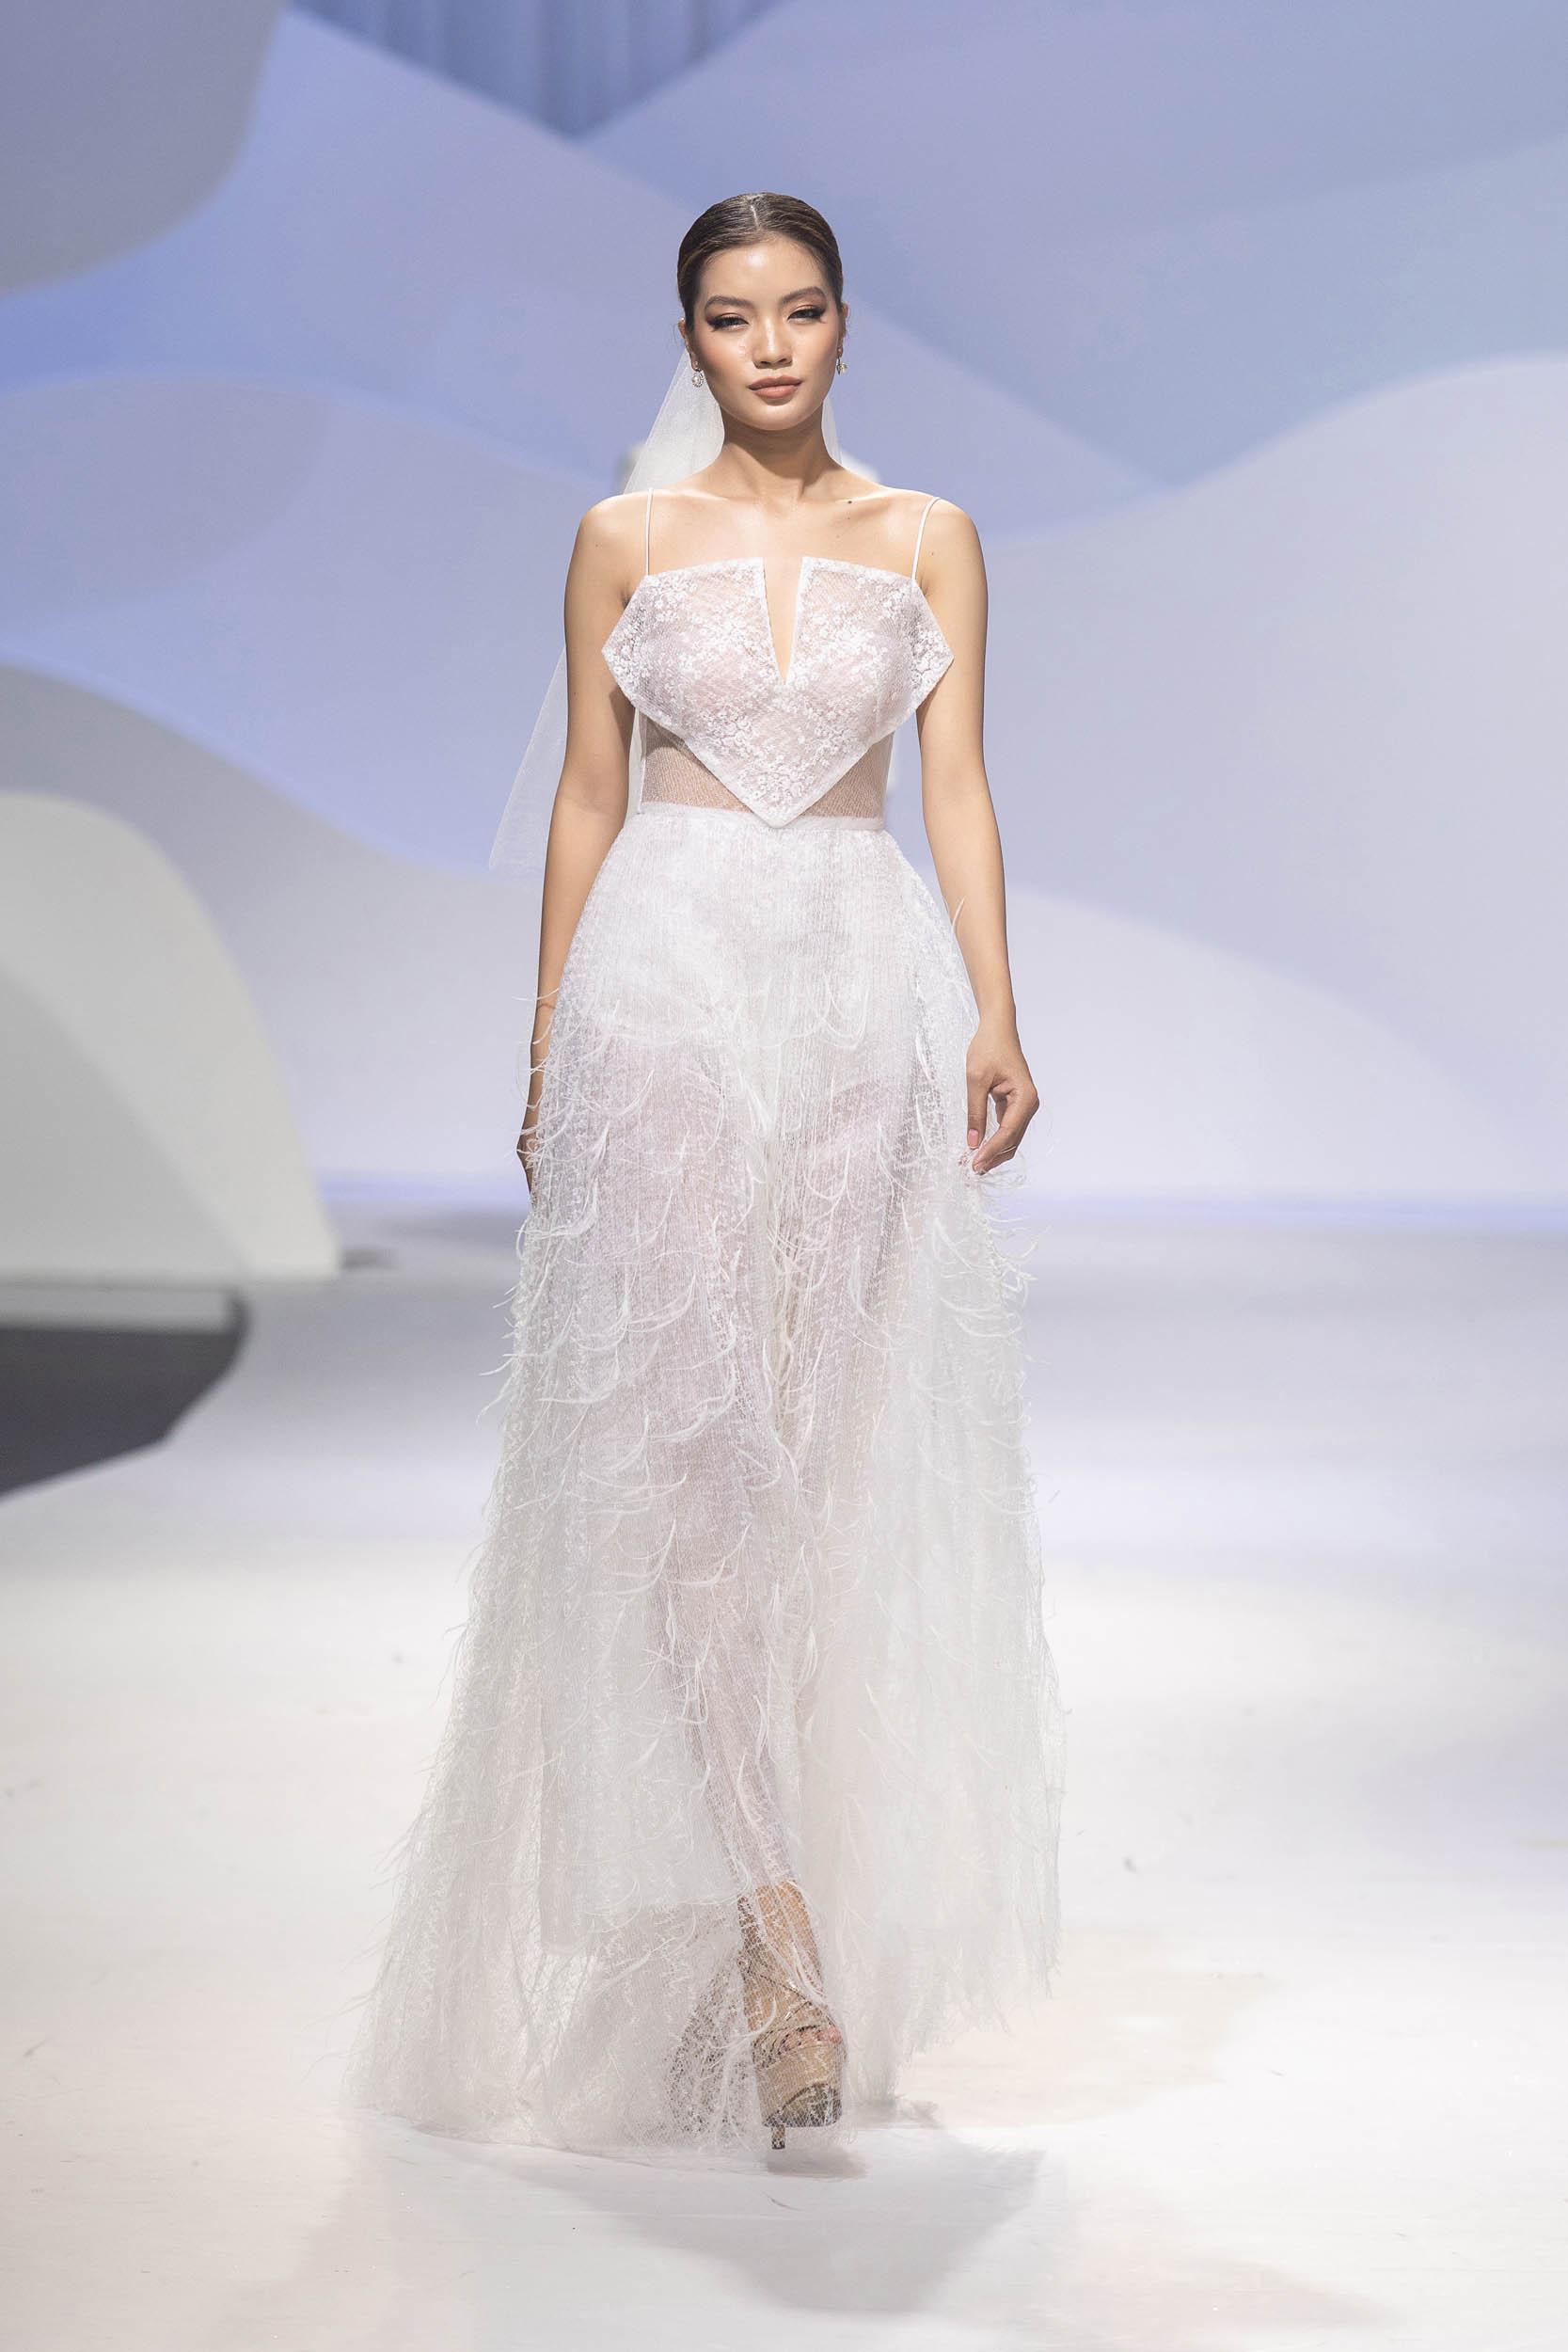 BST Decos Bridal Fall 2020 của NTK Nguyễn Phương đông cùng váy cưới chất liệu ren